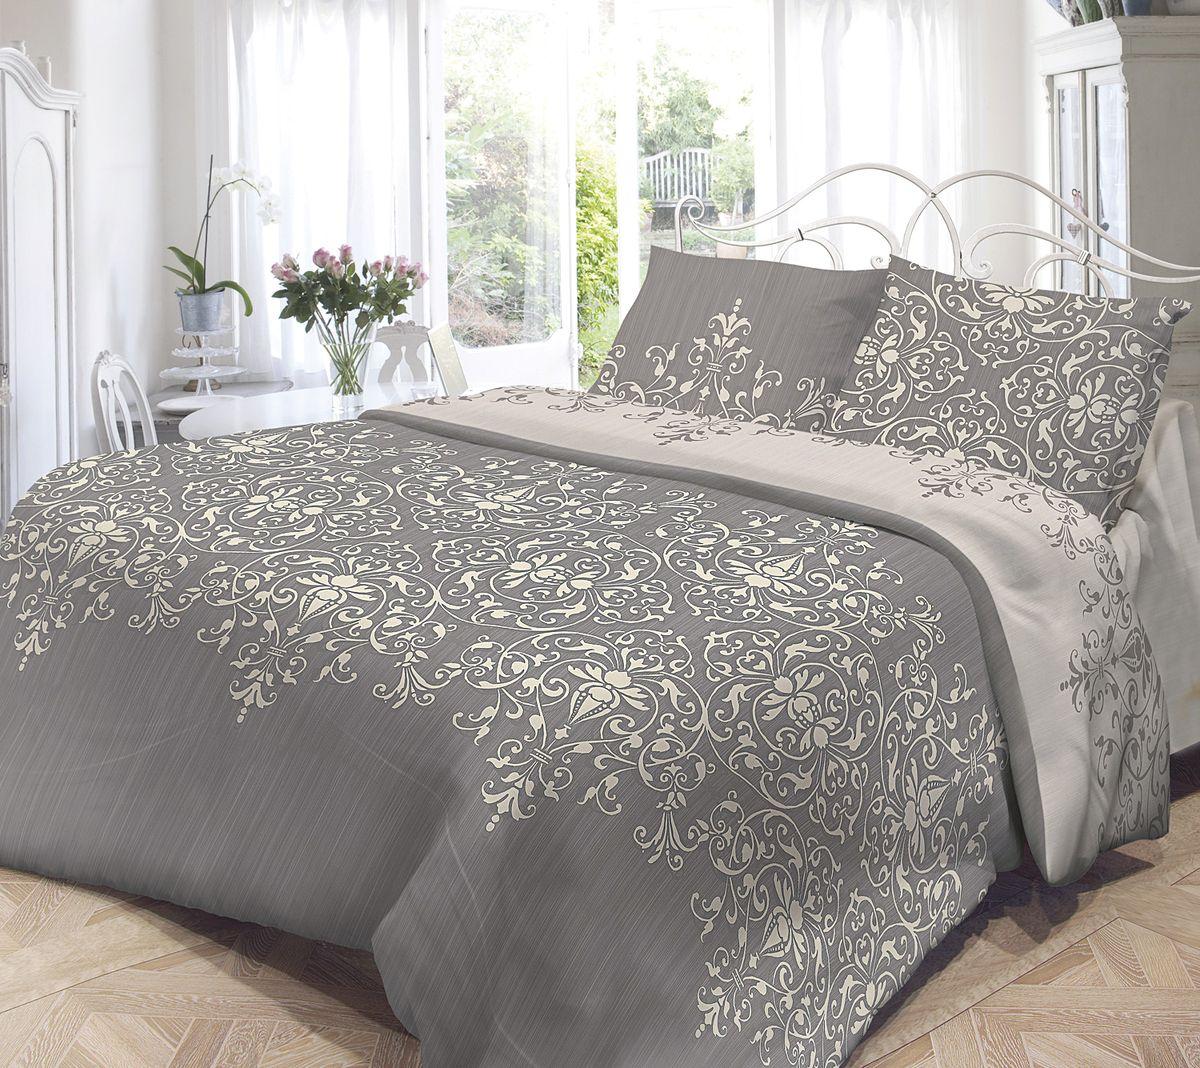 Комплект белья Нежность, 2-спальный, наволочки 70 х 70. 193842193842